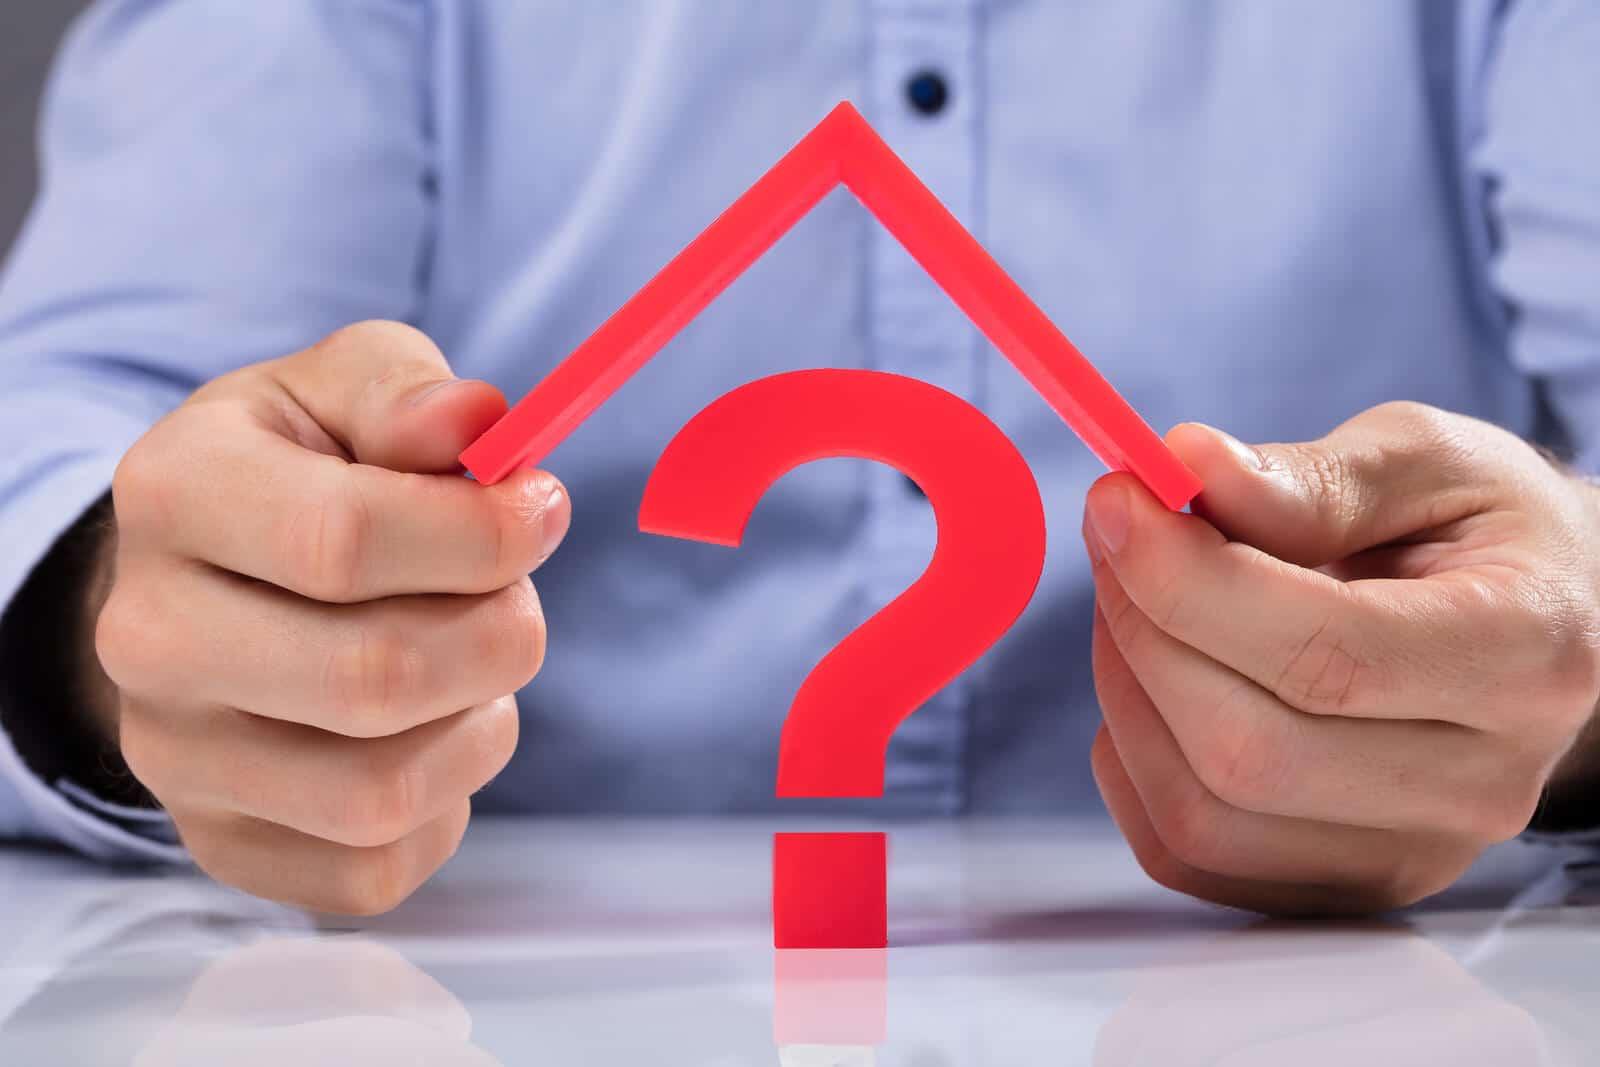 Buying a Condo vs a Single Family Home